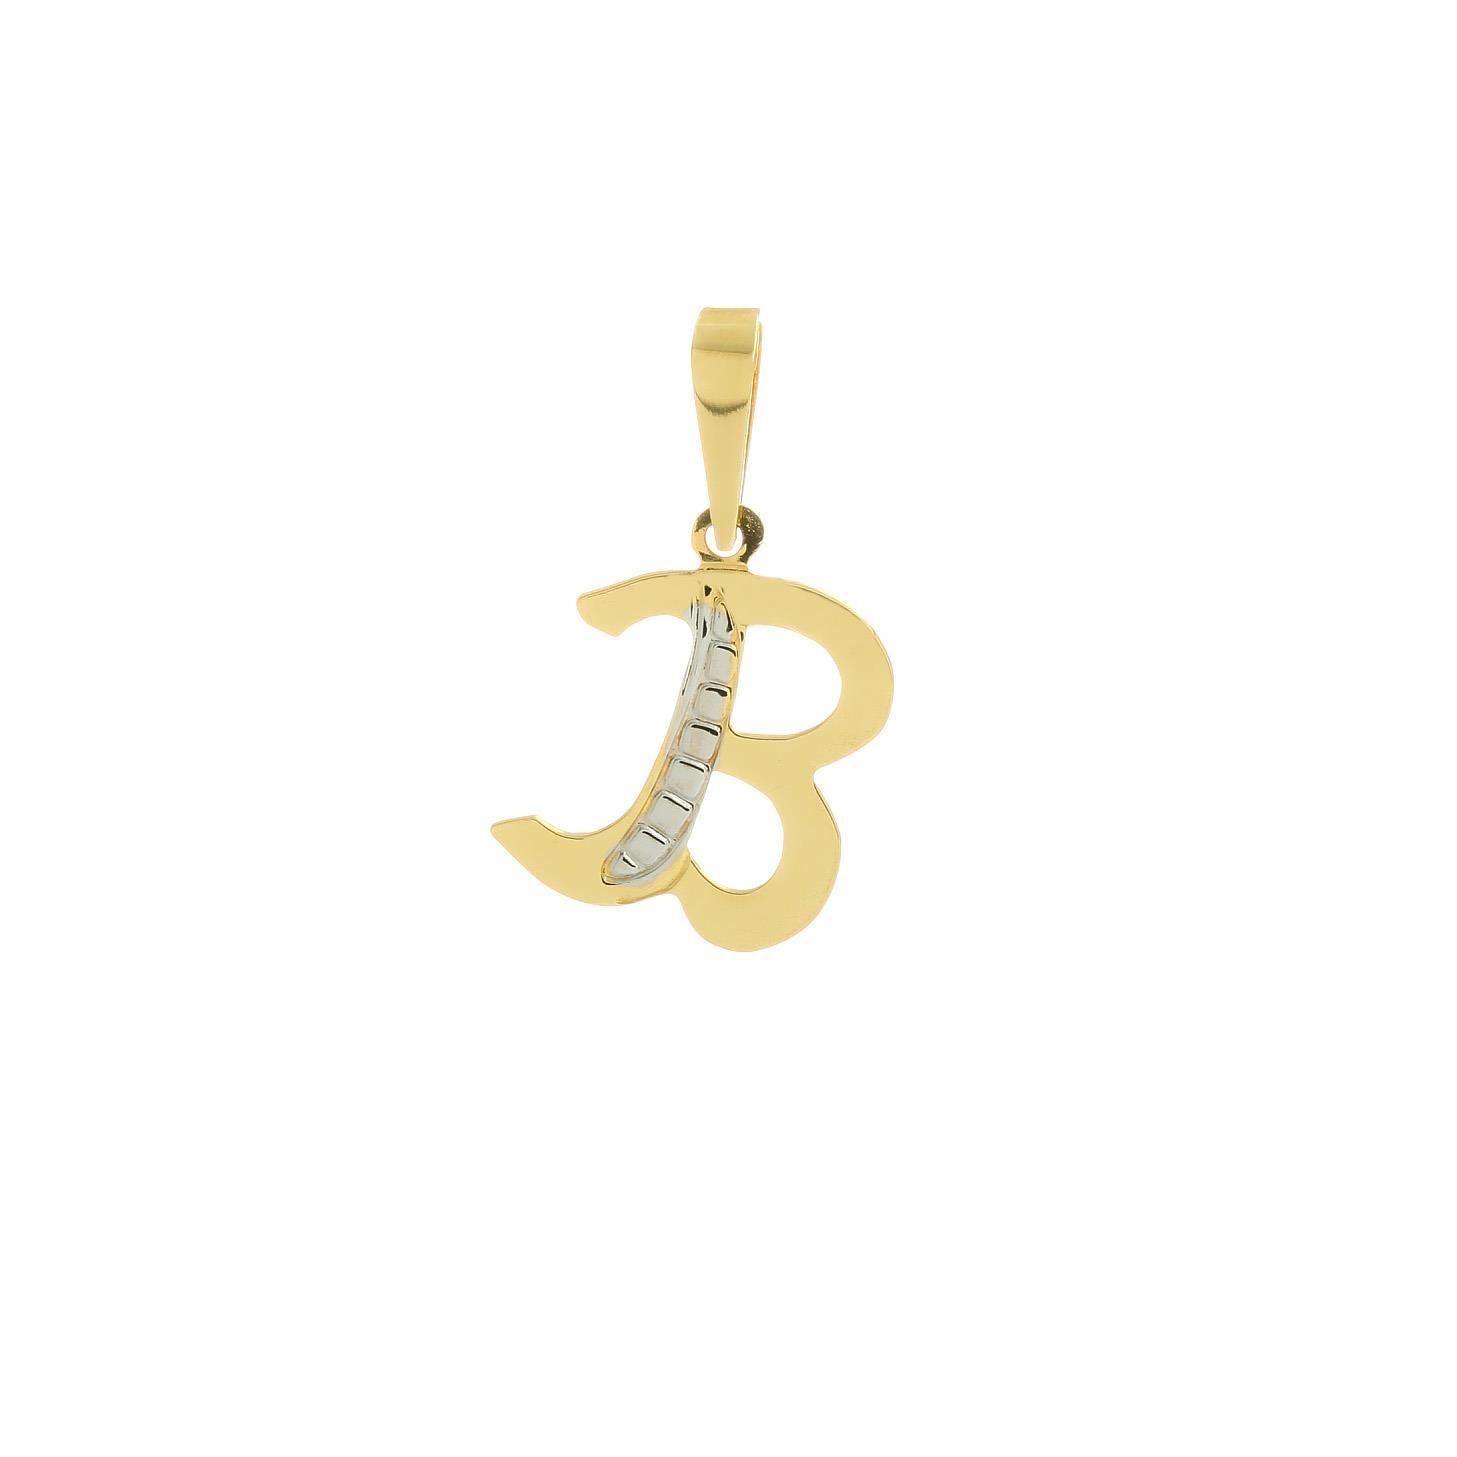 6f3a23318 B betű alakú medál sárga aranyból | Kivaloarany.hu